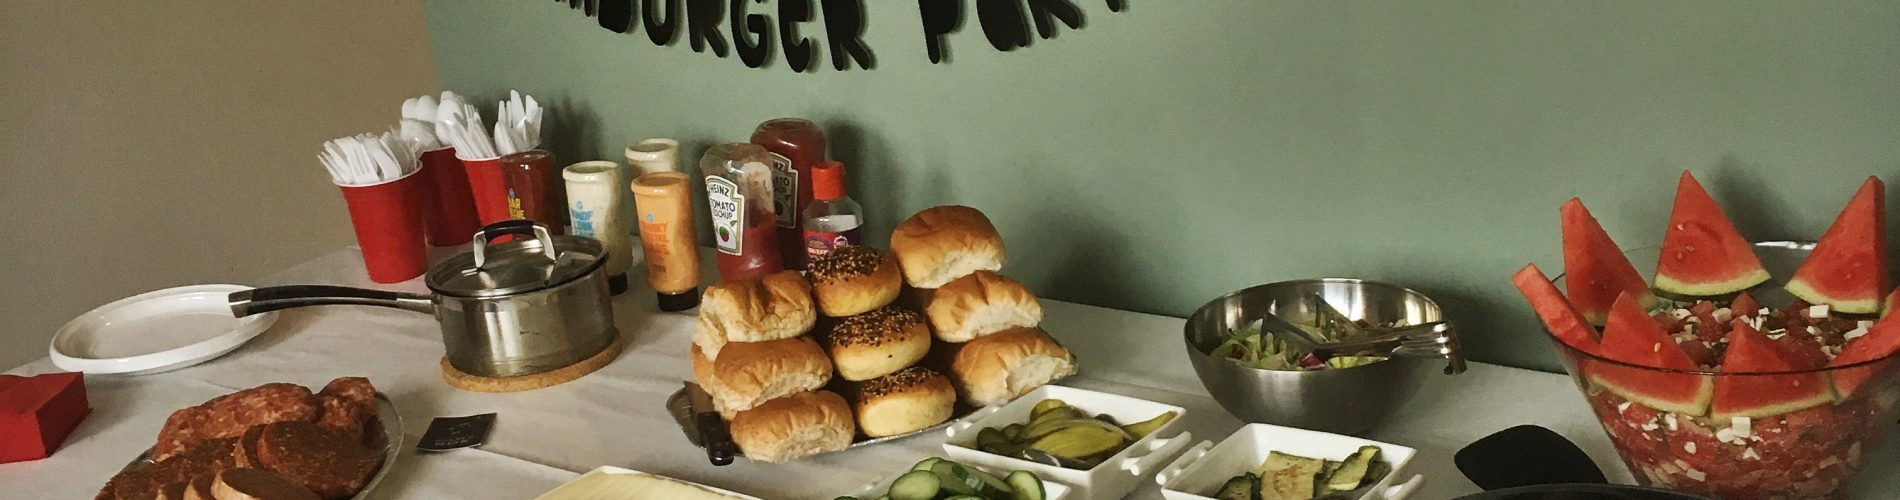 Blog | hamburgerparty